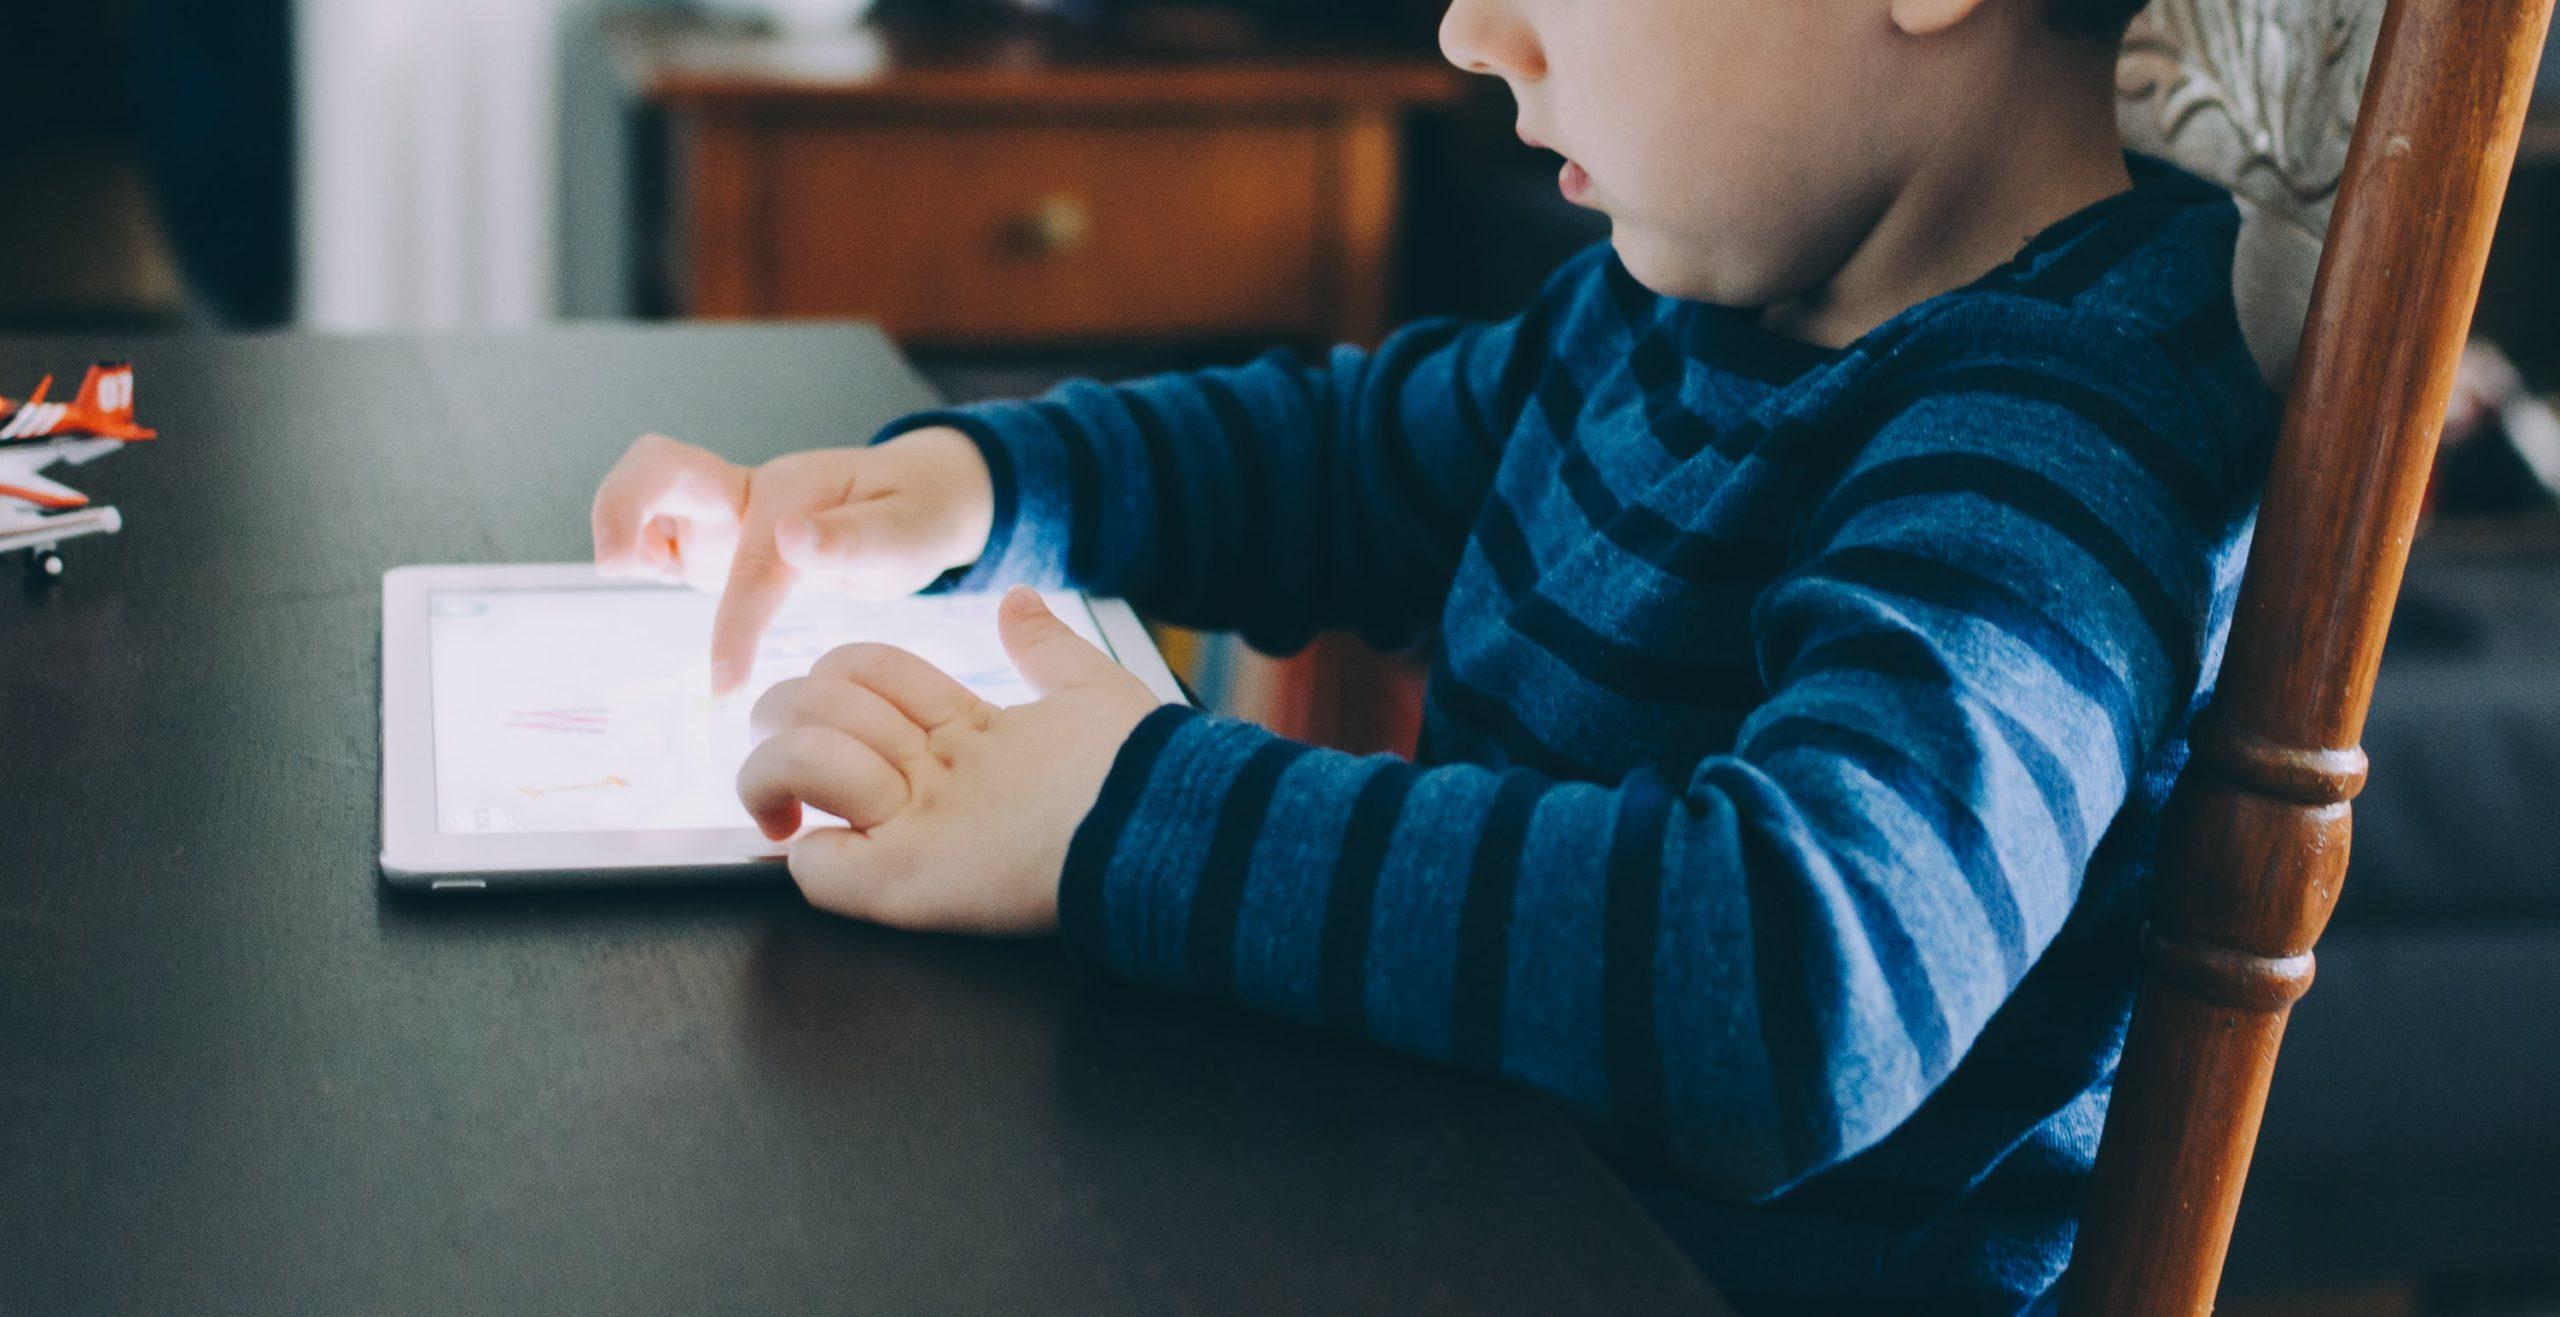 Er barnet ditt avhengig av skjermtid? Slik går du frem.